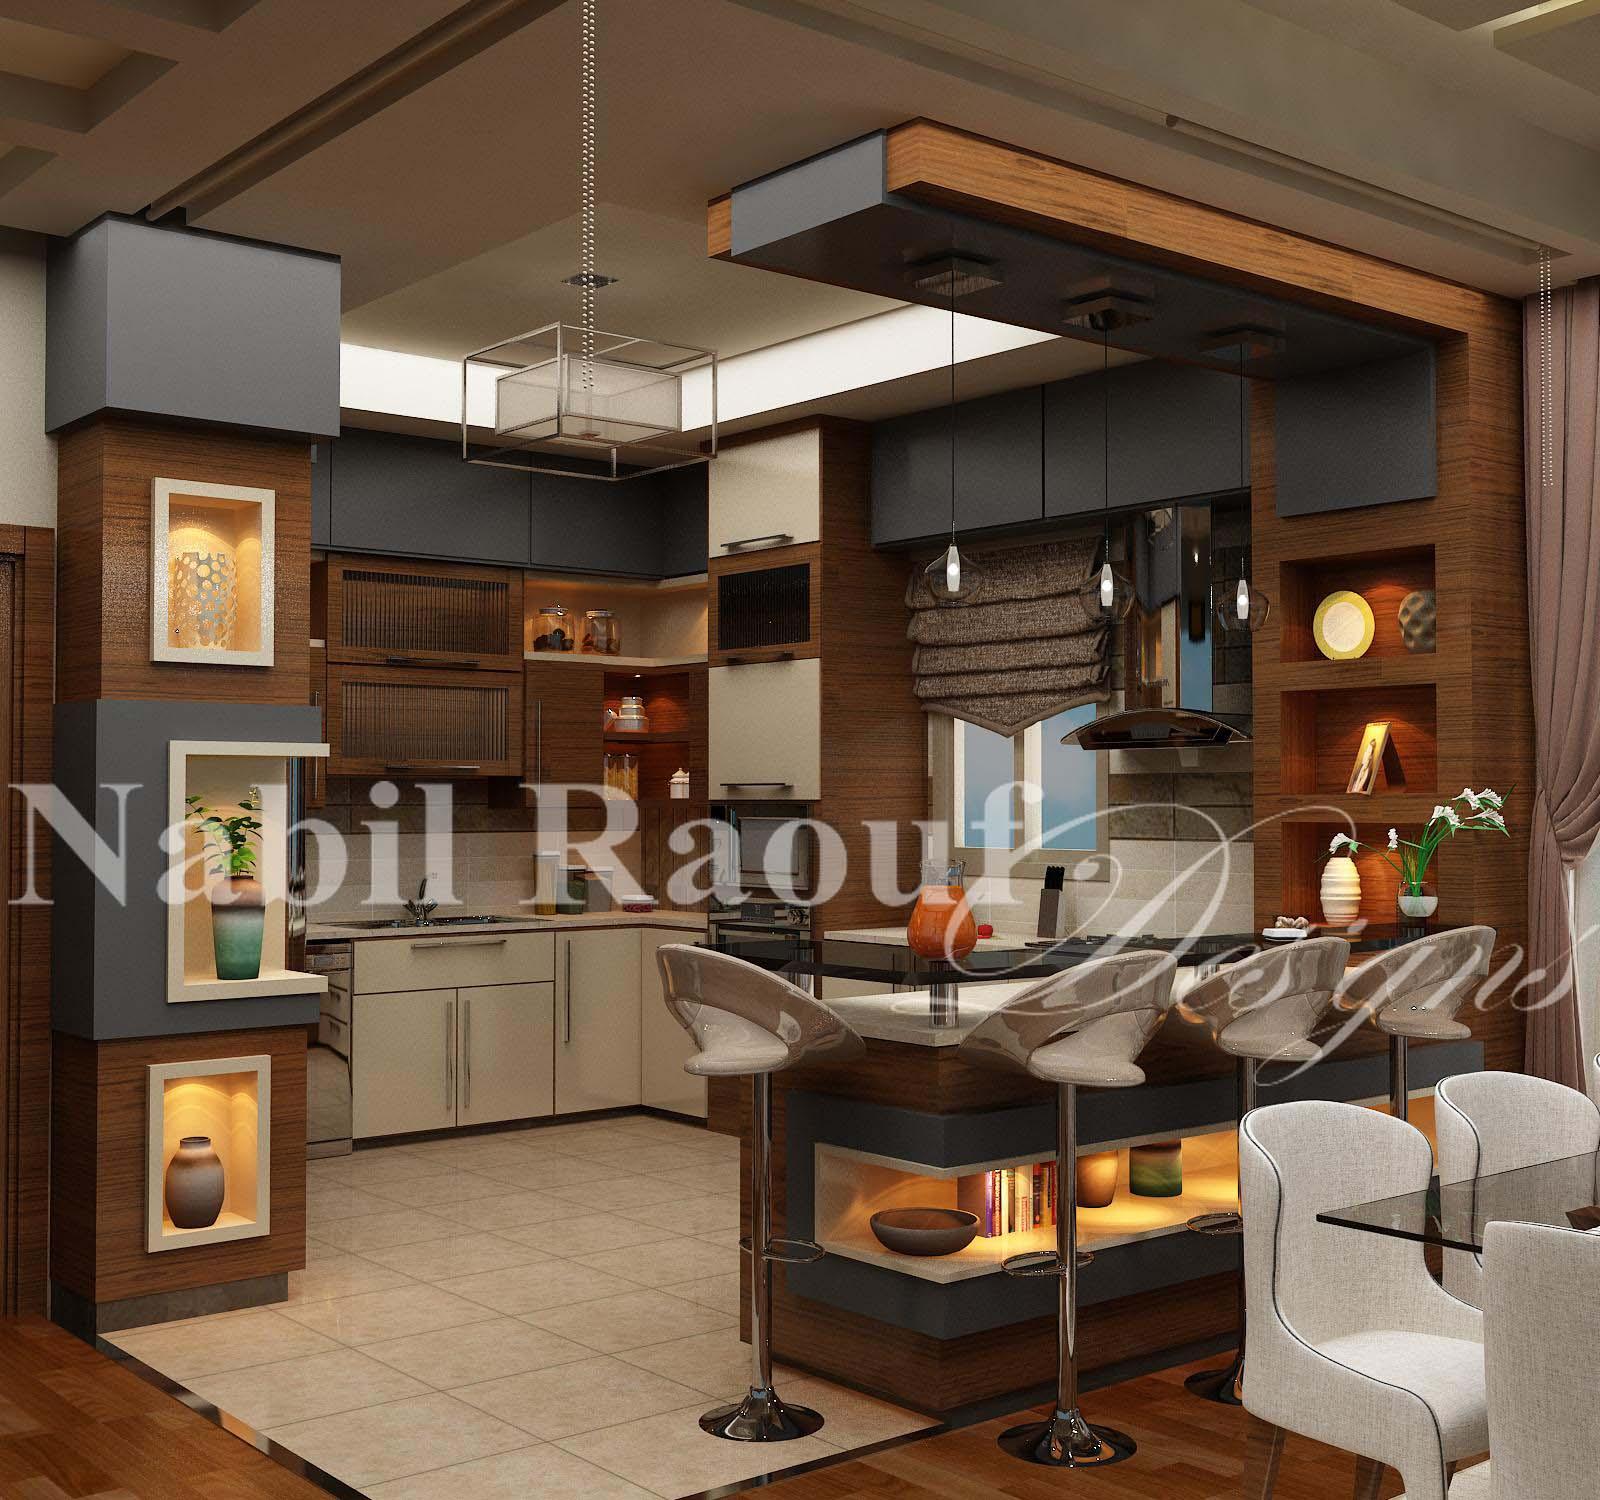 First Floor open kitchen